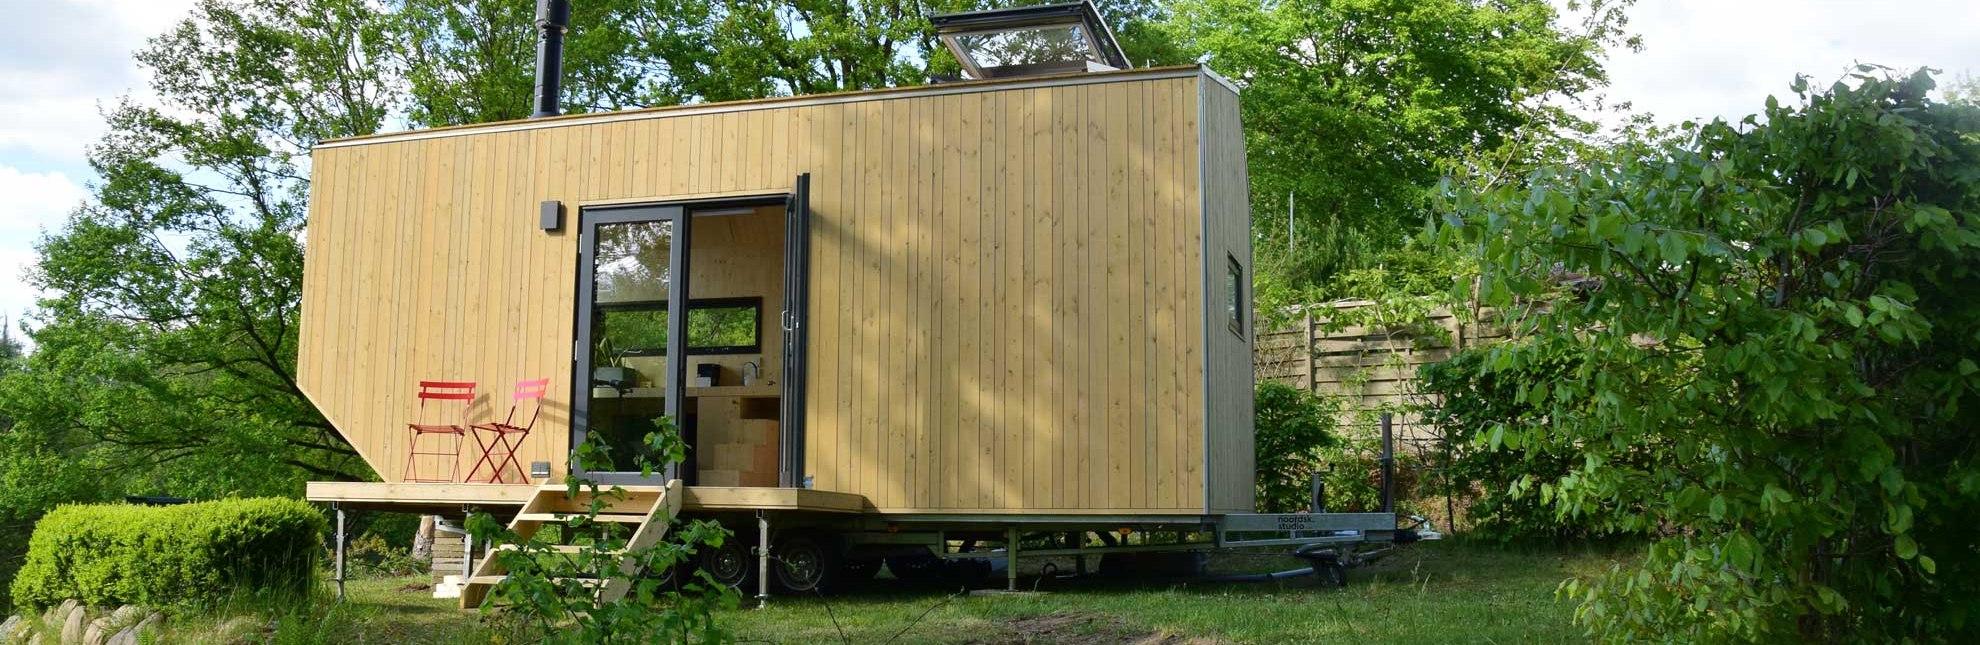 Auf der kleinen Terrasse lässt es sich wunderbar verweilen., © HLMS GmbH